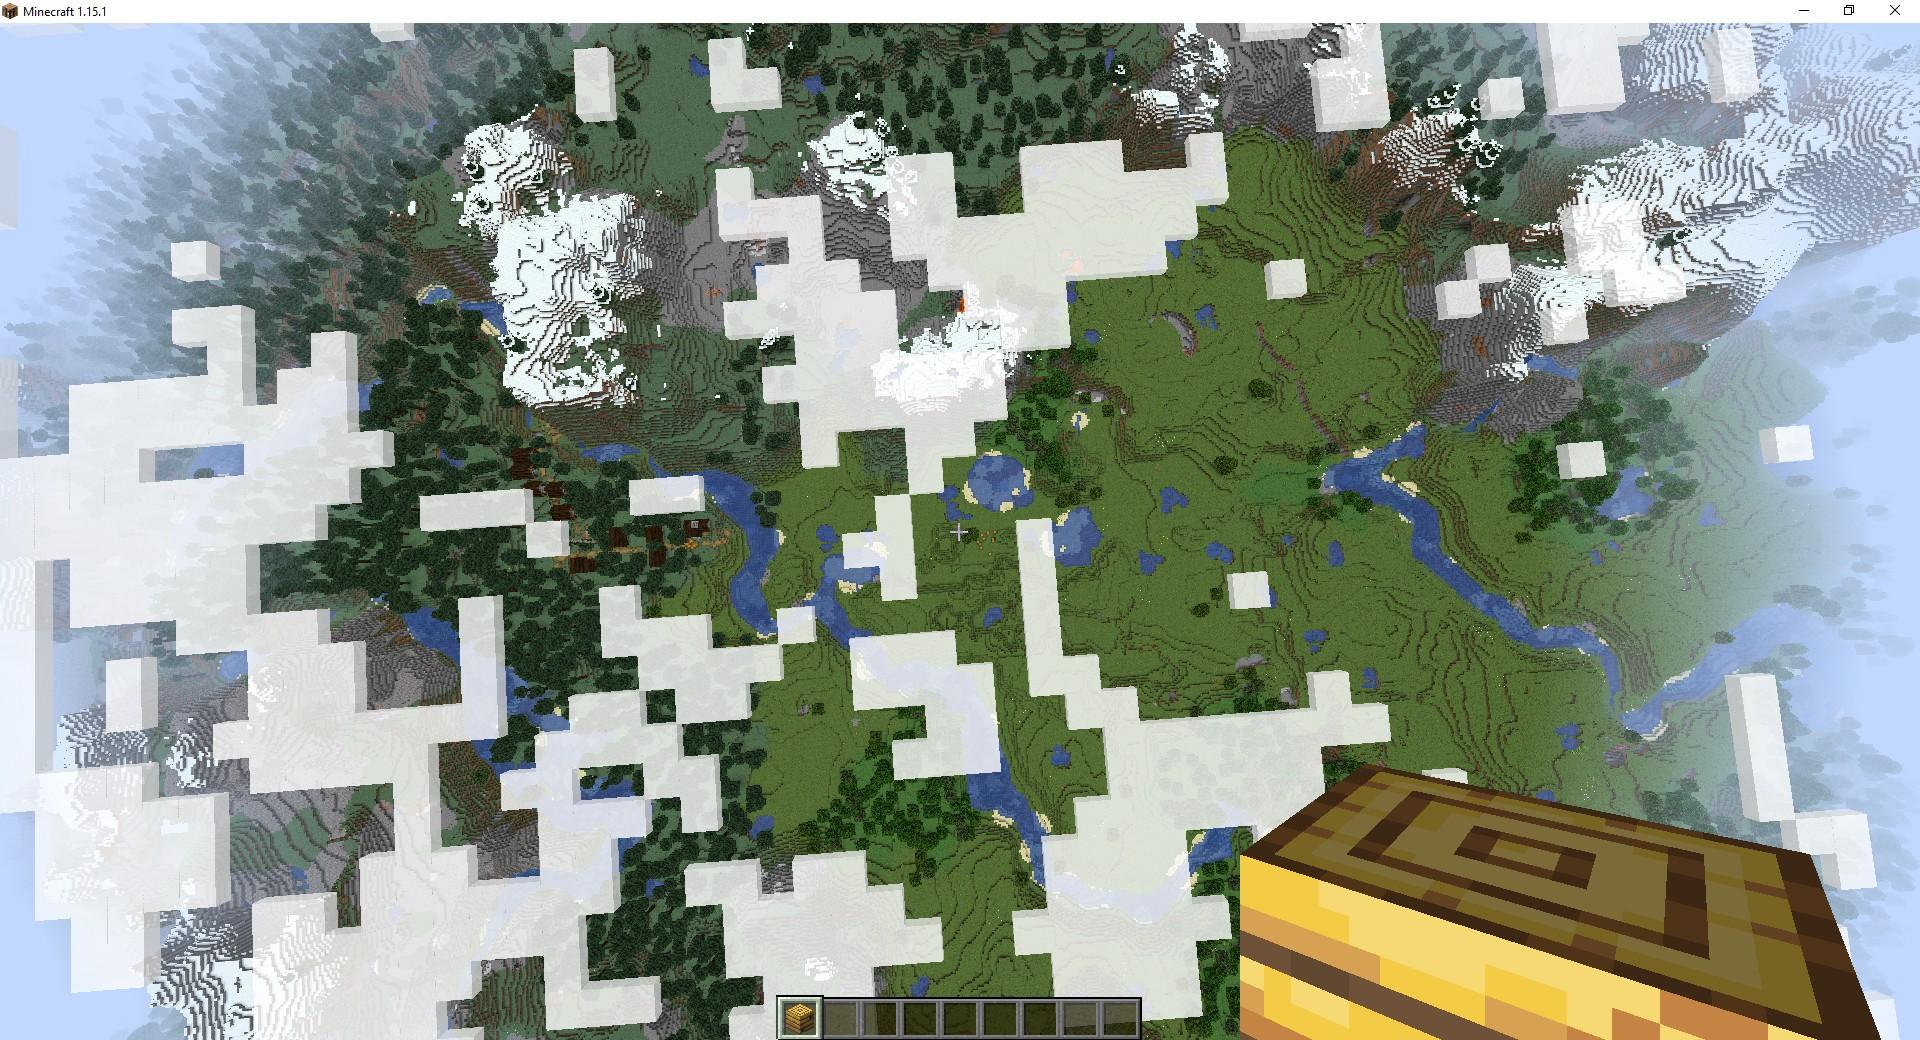 Сид «Деревня спчёлами иульем» - скриншот 5